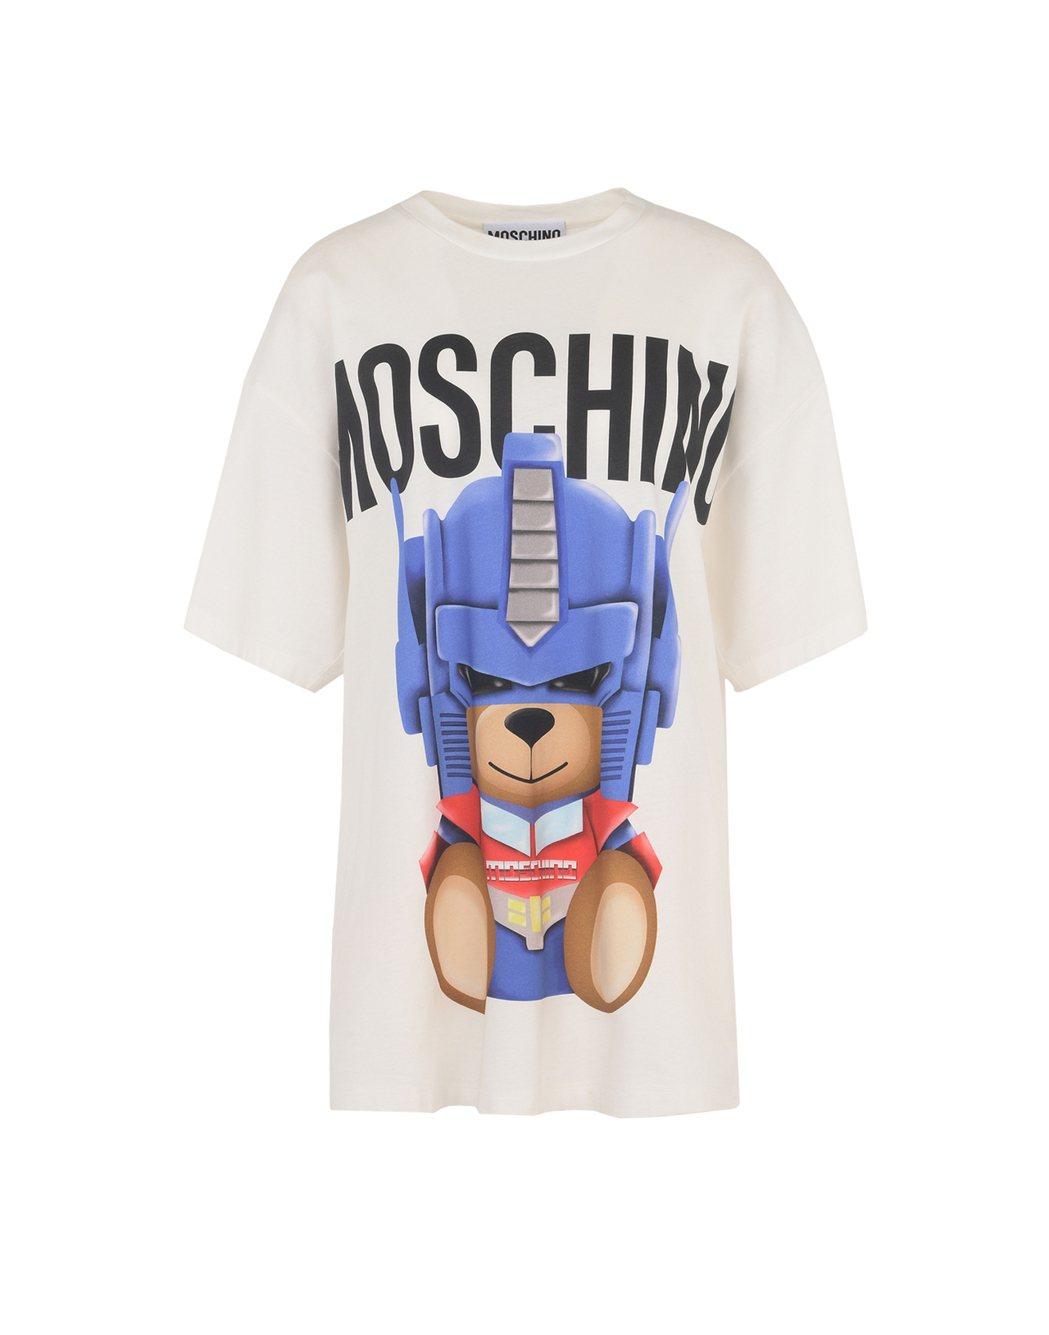 變形金剛小熊T恤,8,800元。圖/MOSCHINO提供